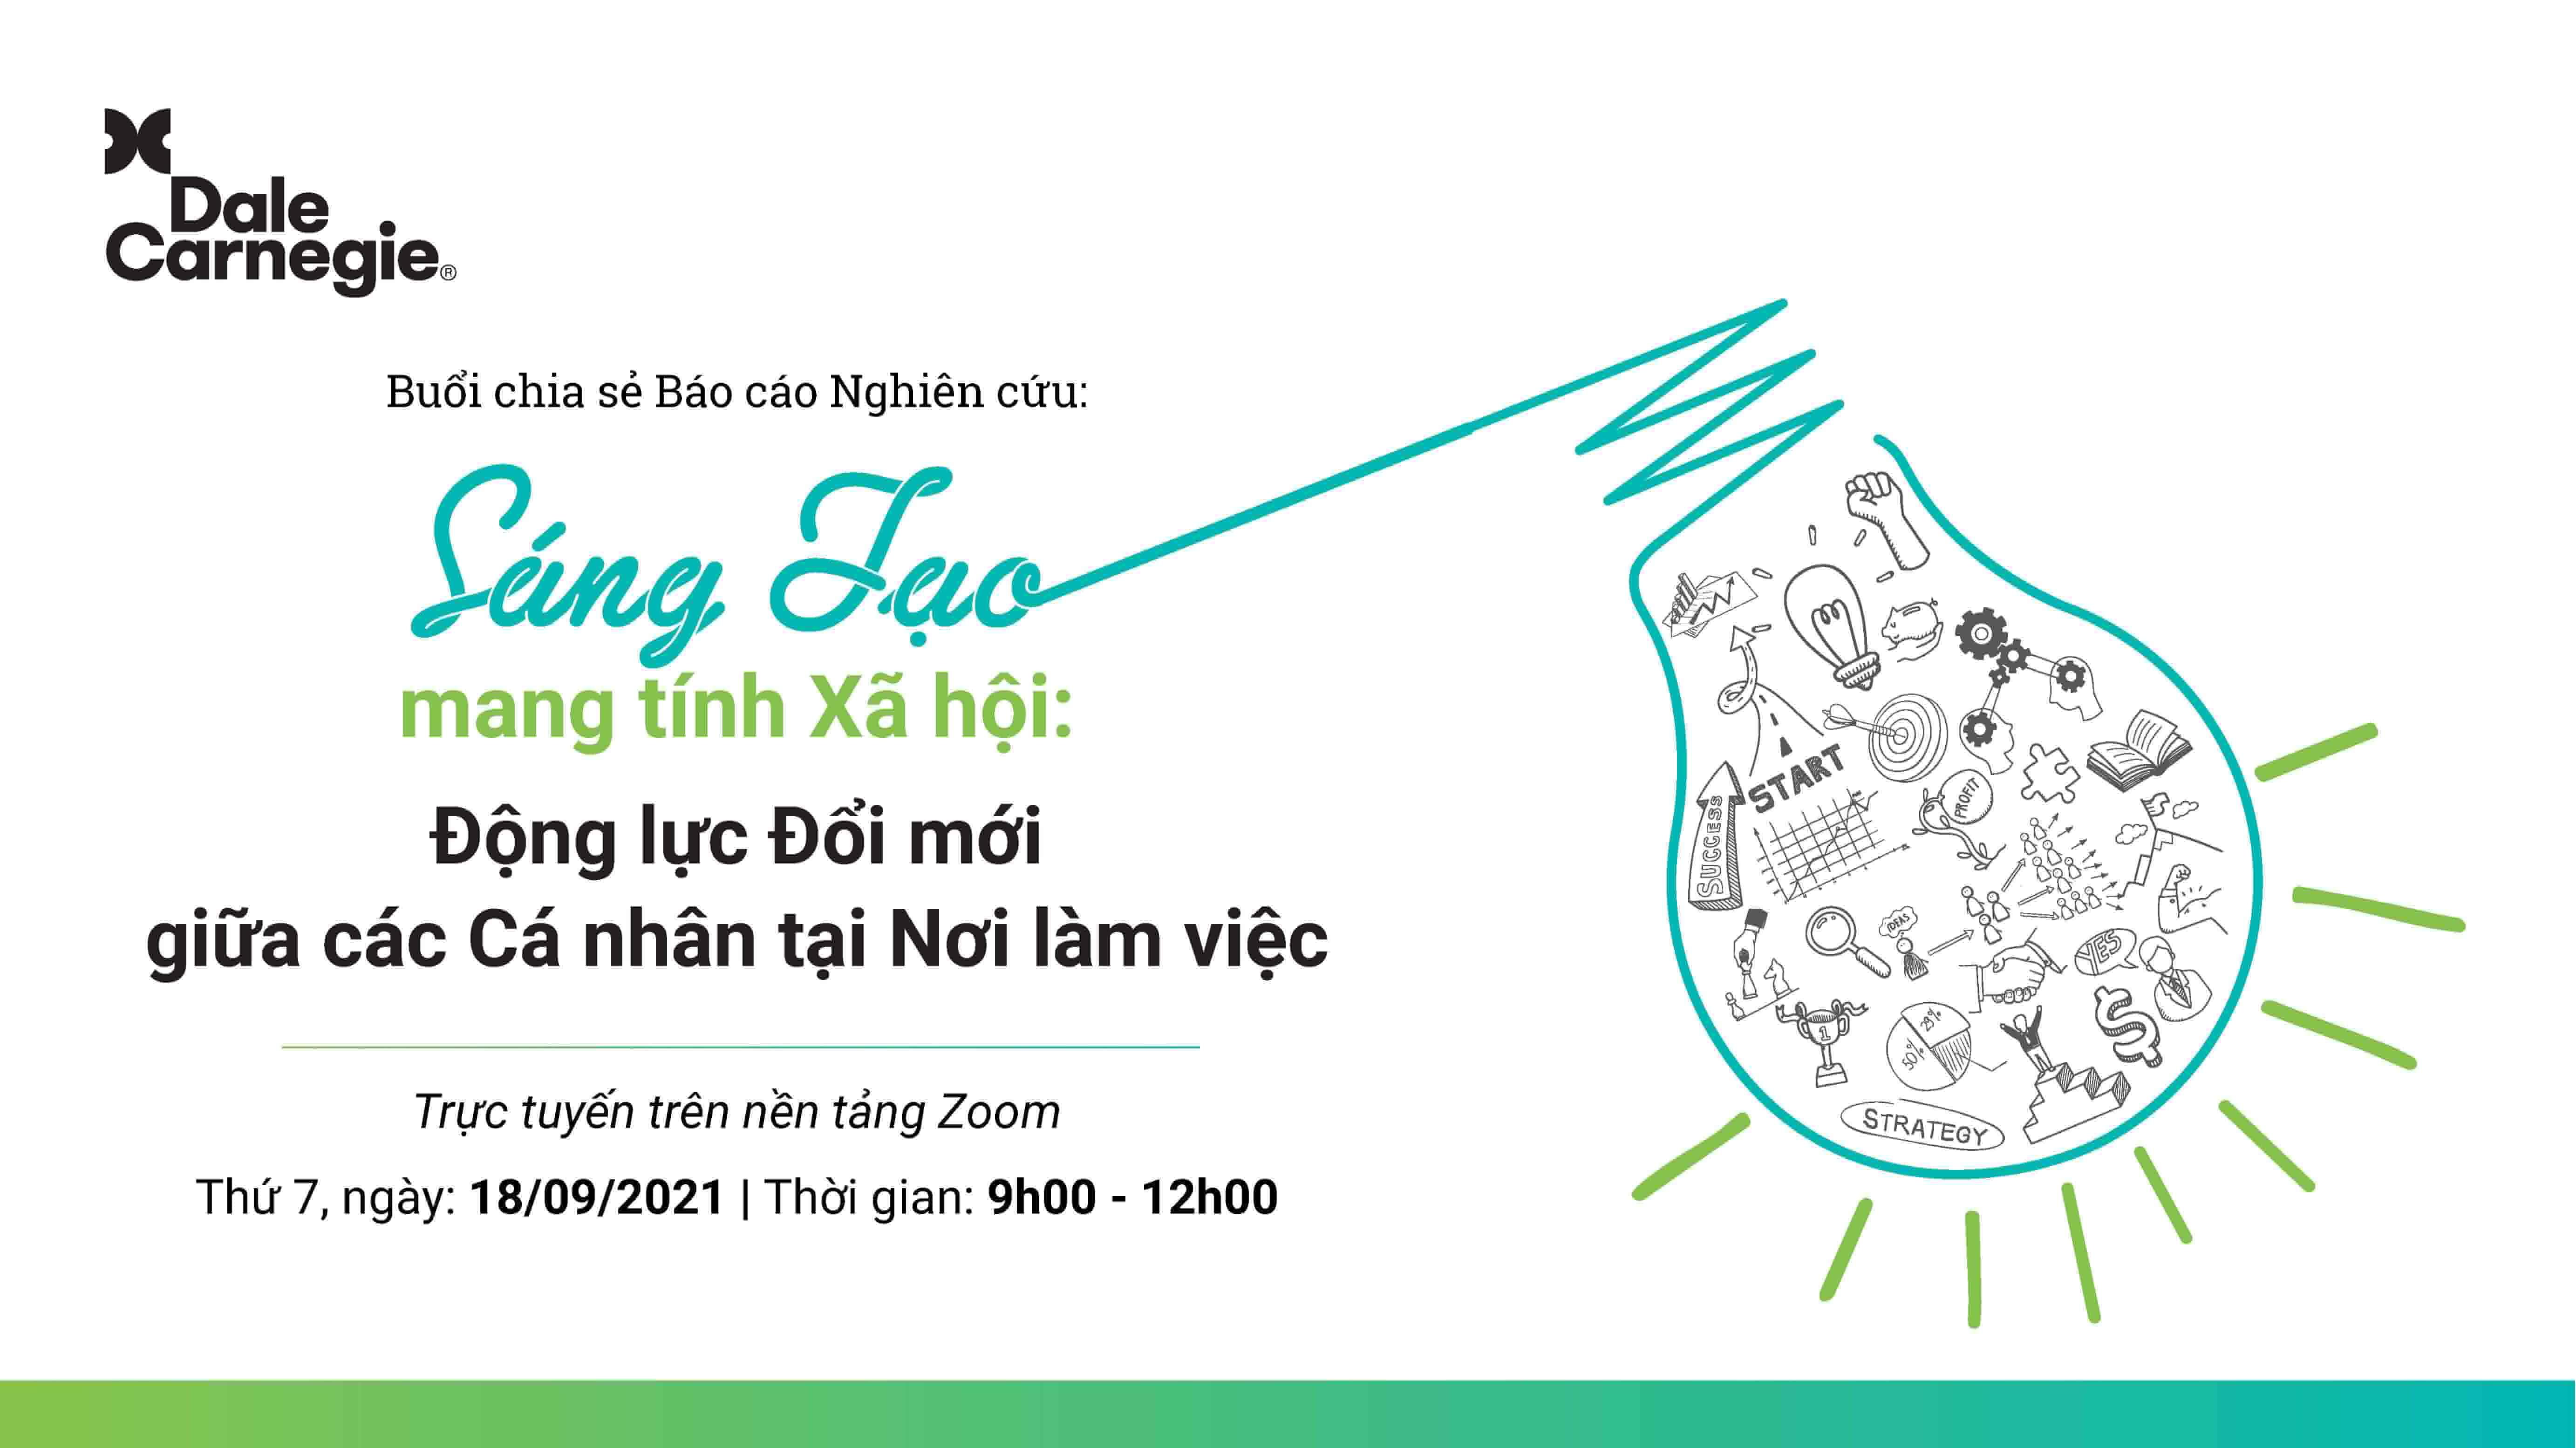 Buổi chia sẻ về Sáng tạo của Dale Carnegie Việt Nam sẽ diễn ra vào ngày 18/9/2021.